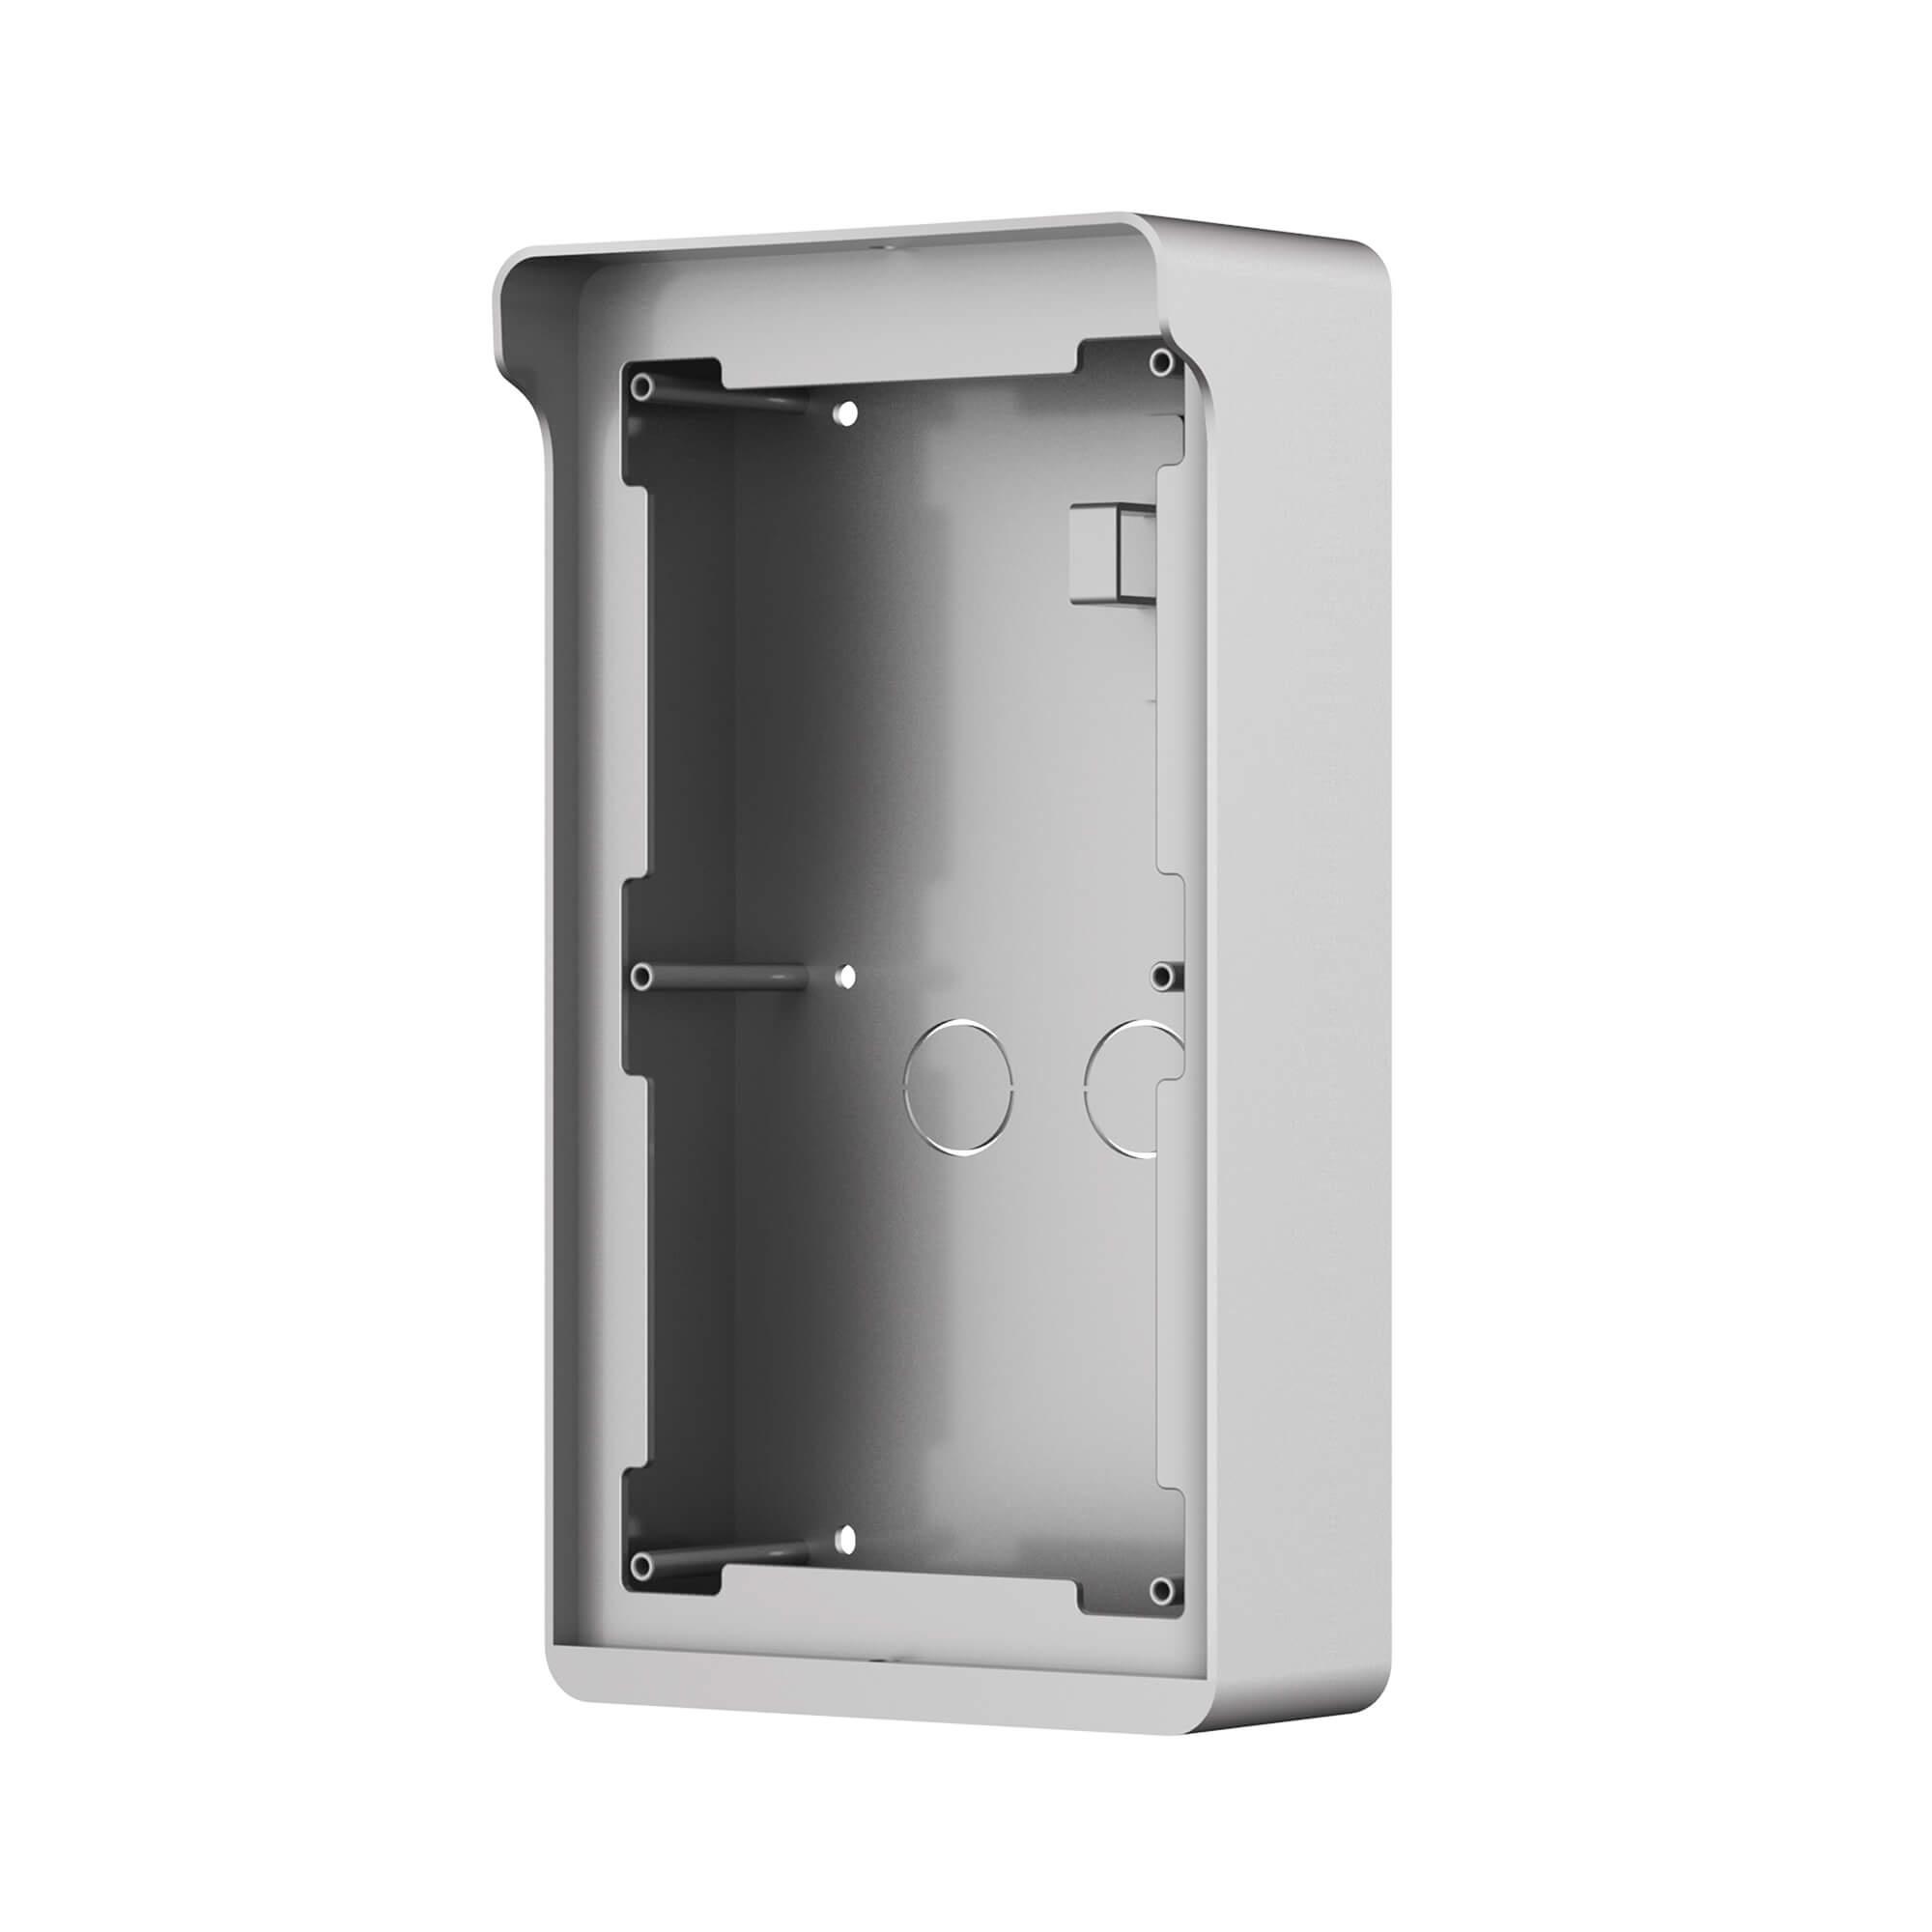 2er Aufputzdose - Hybrid Türsprechanlage